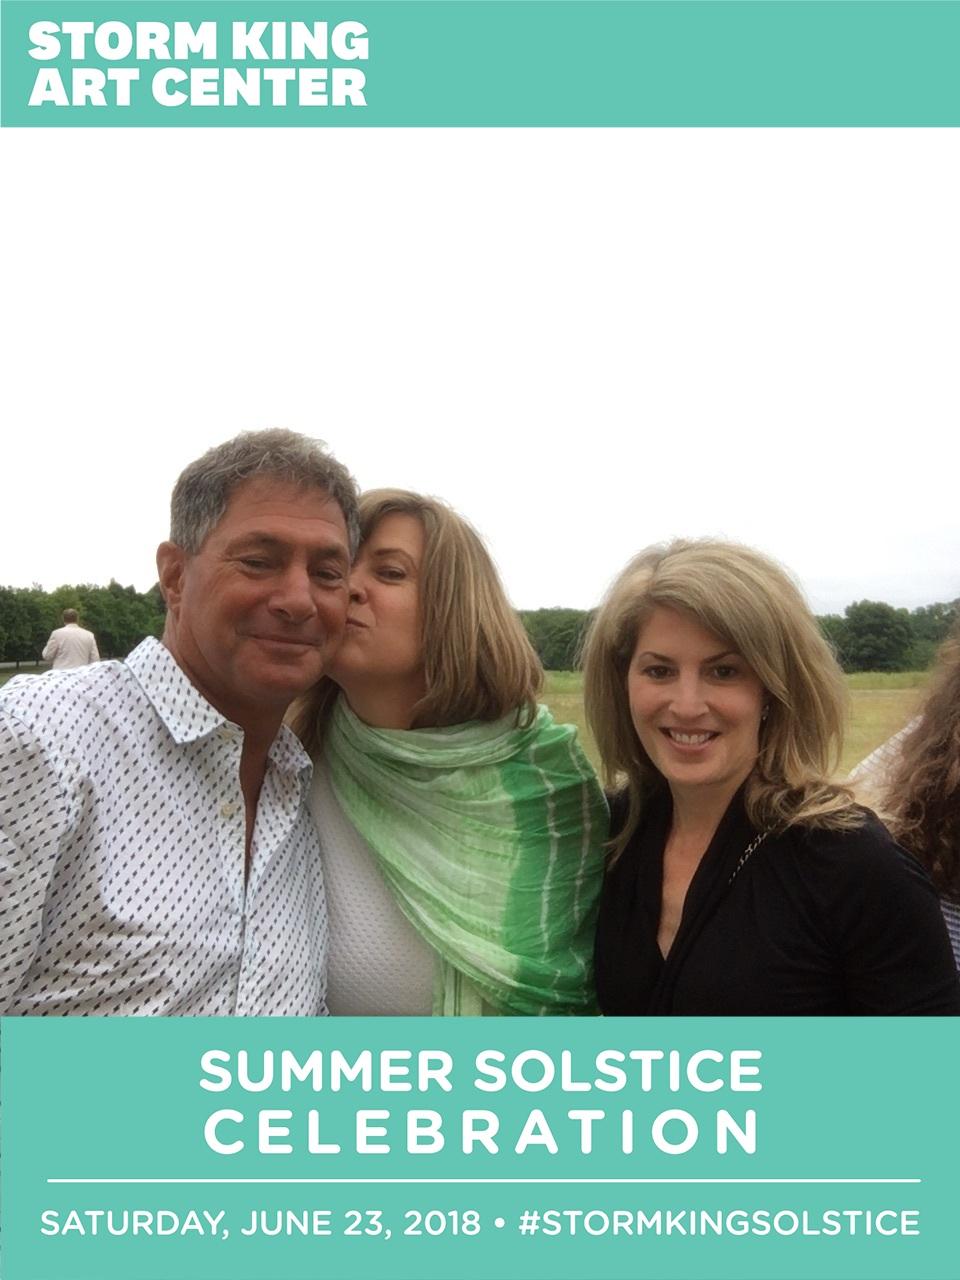 Storm King Art Center Summer Solstice Celebration 10